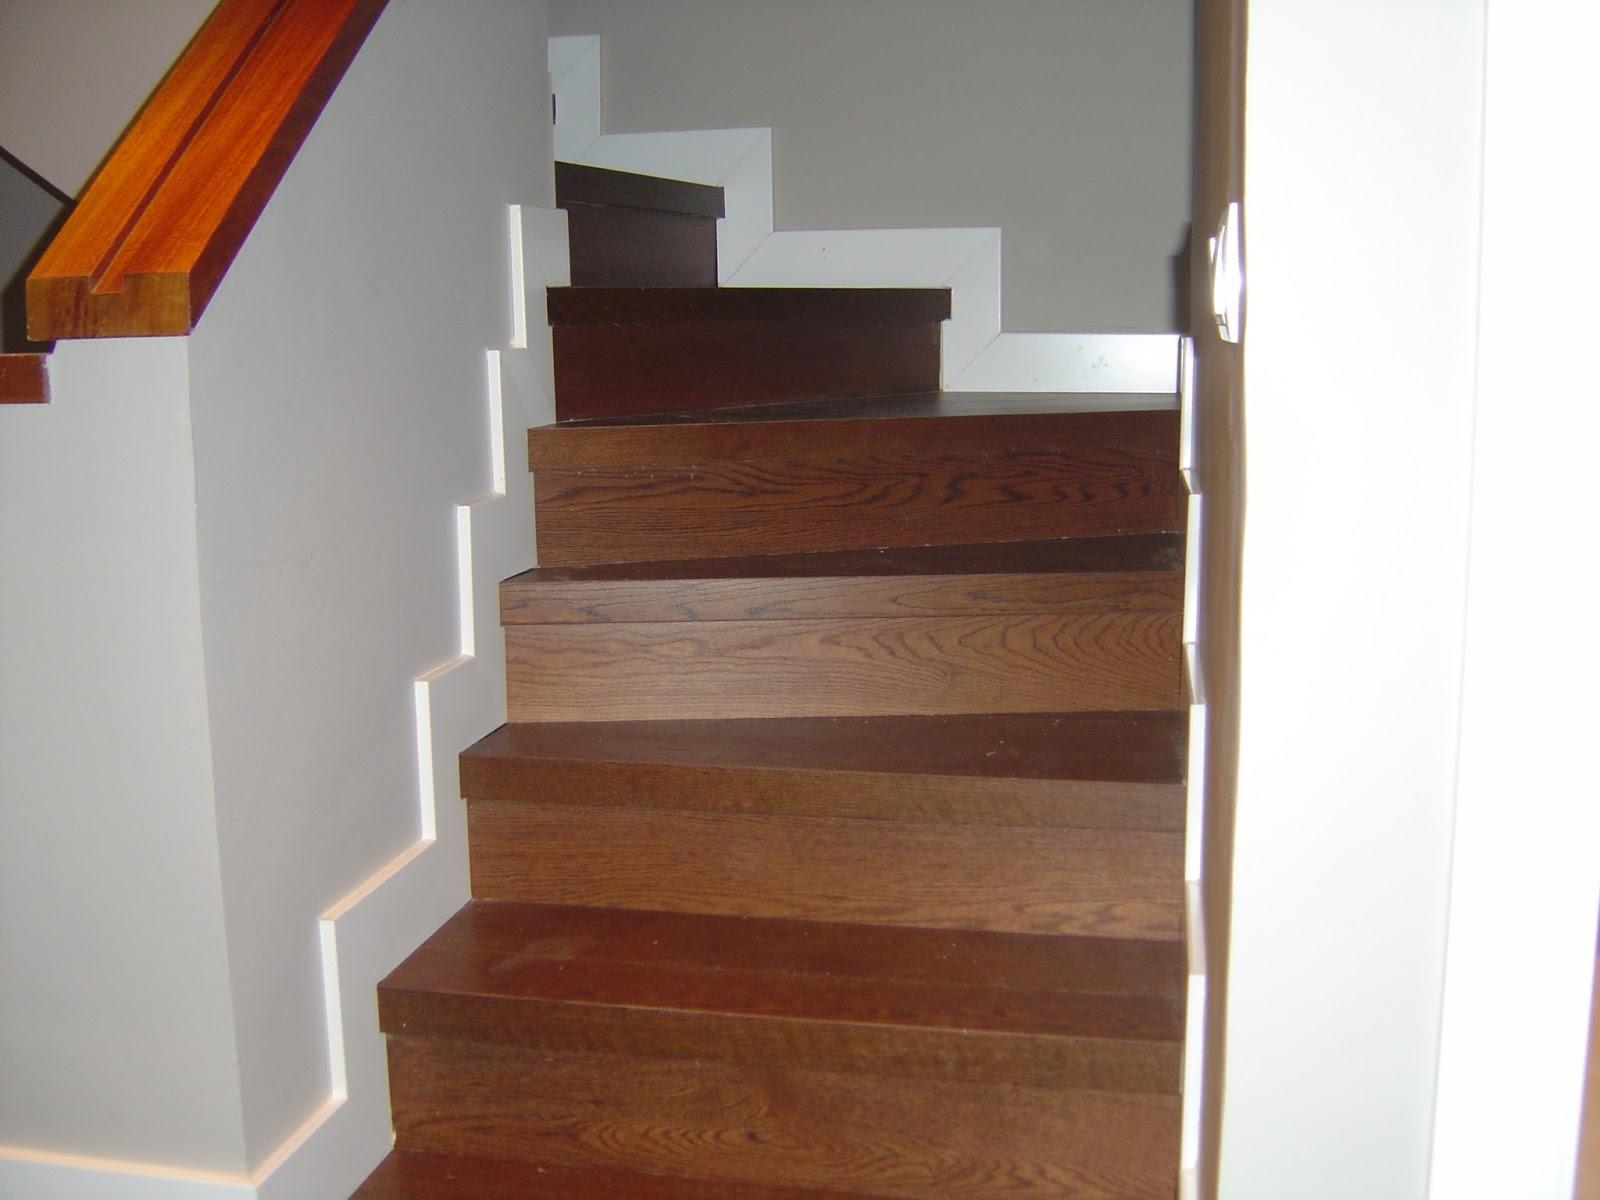 Revestir una escalera con parquet o laminado - Escalera madera ...